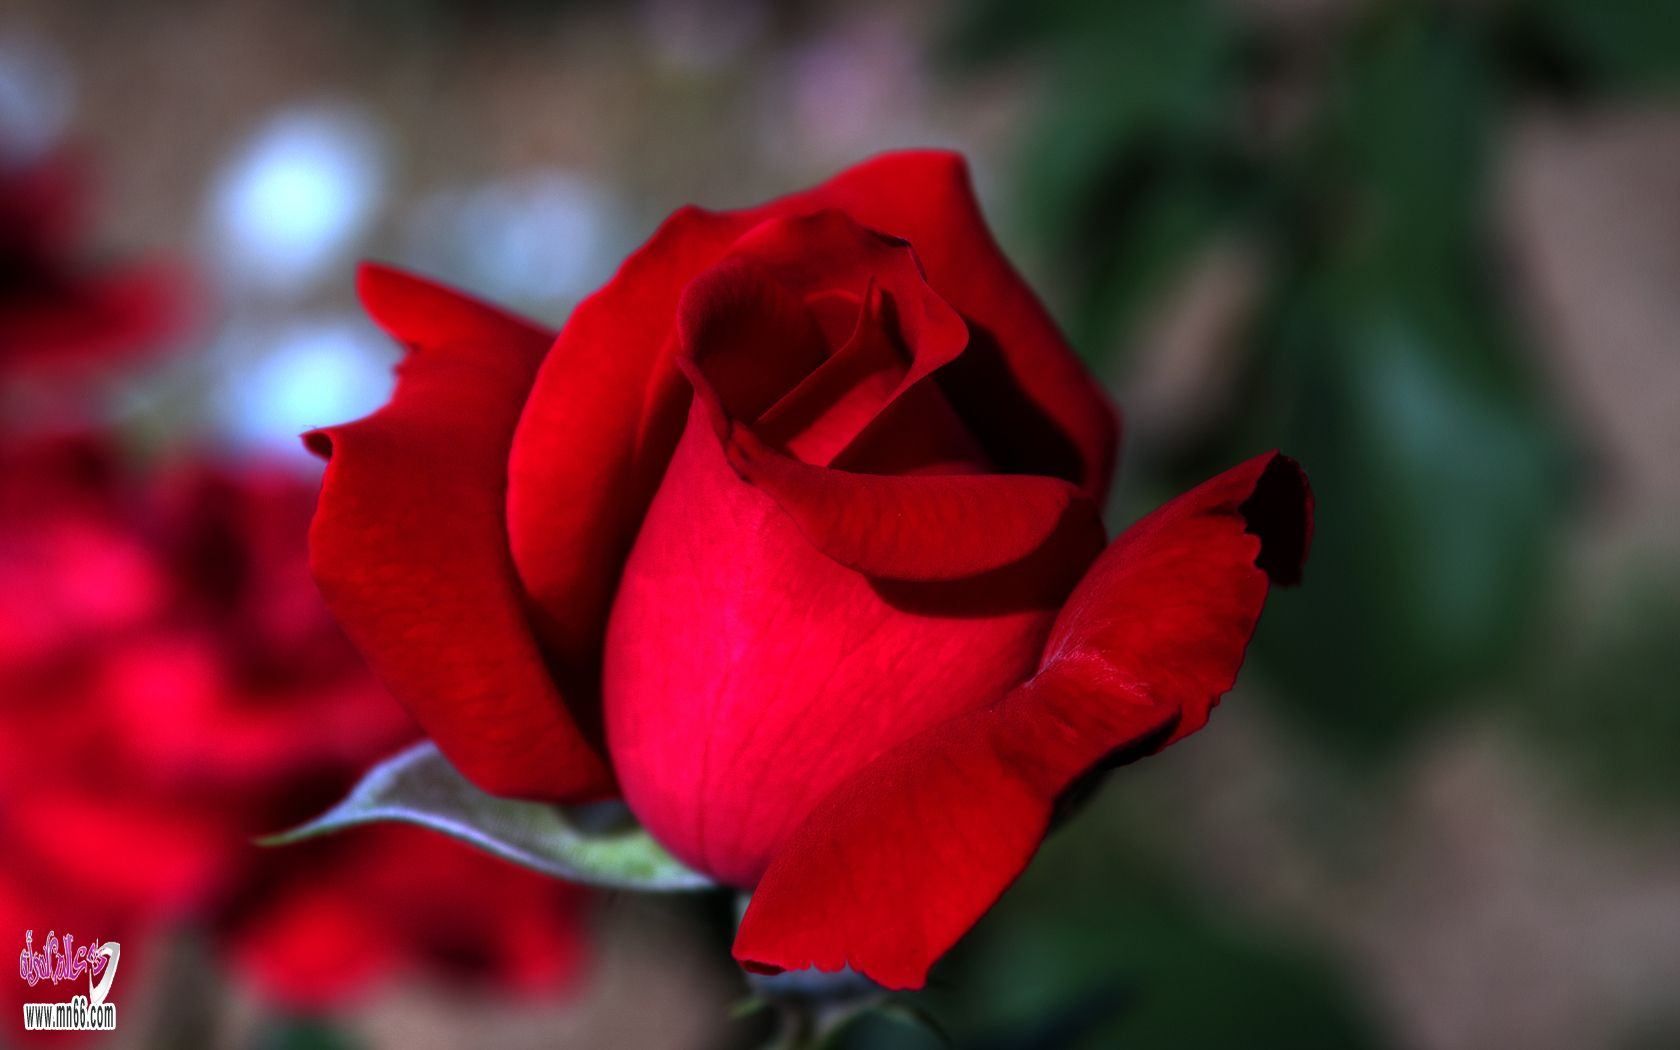 بالصور صور اجمل وردة بالعالم , اجمل صور ورد بالعالم ورد ولااروع 3943 2